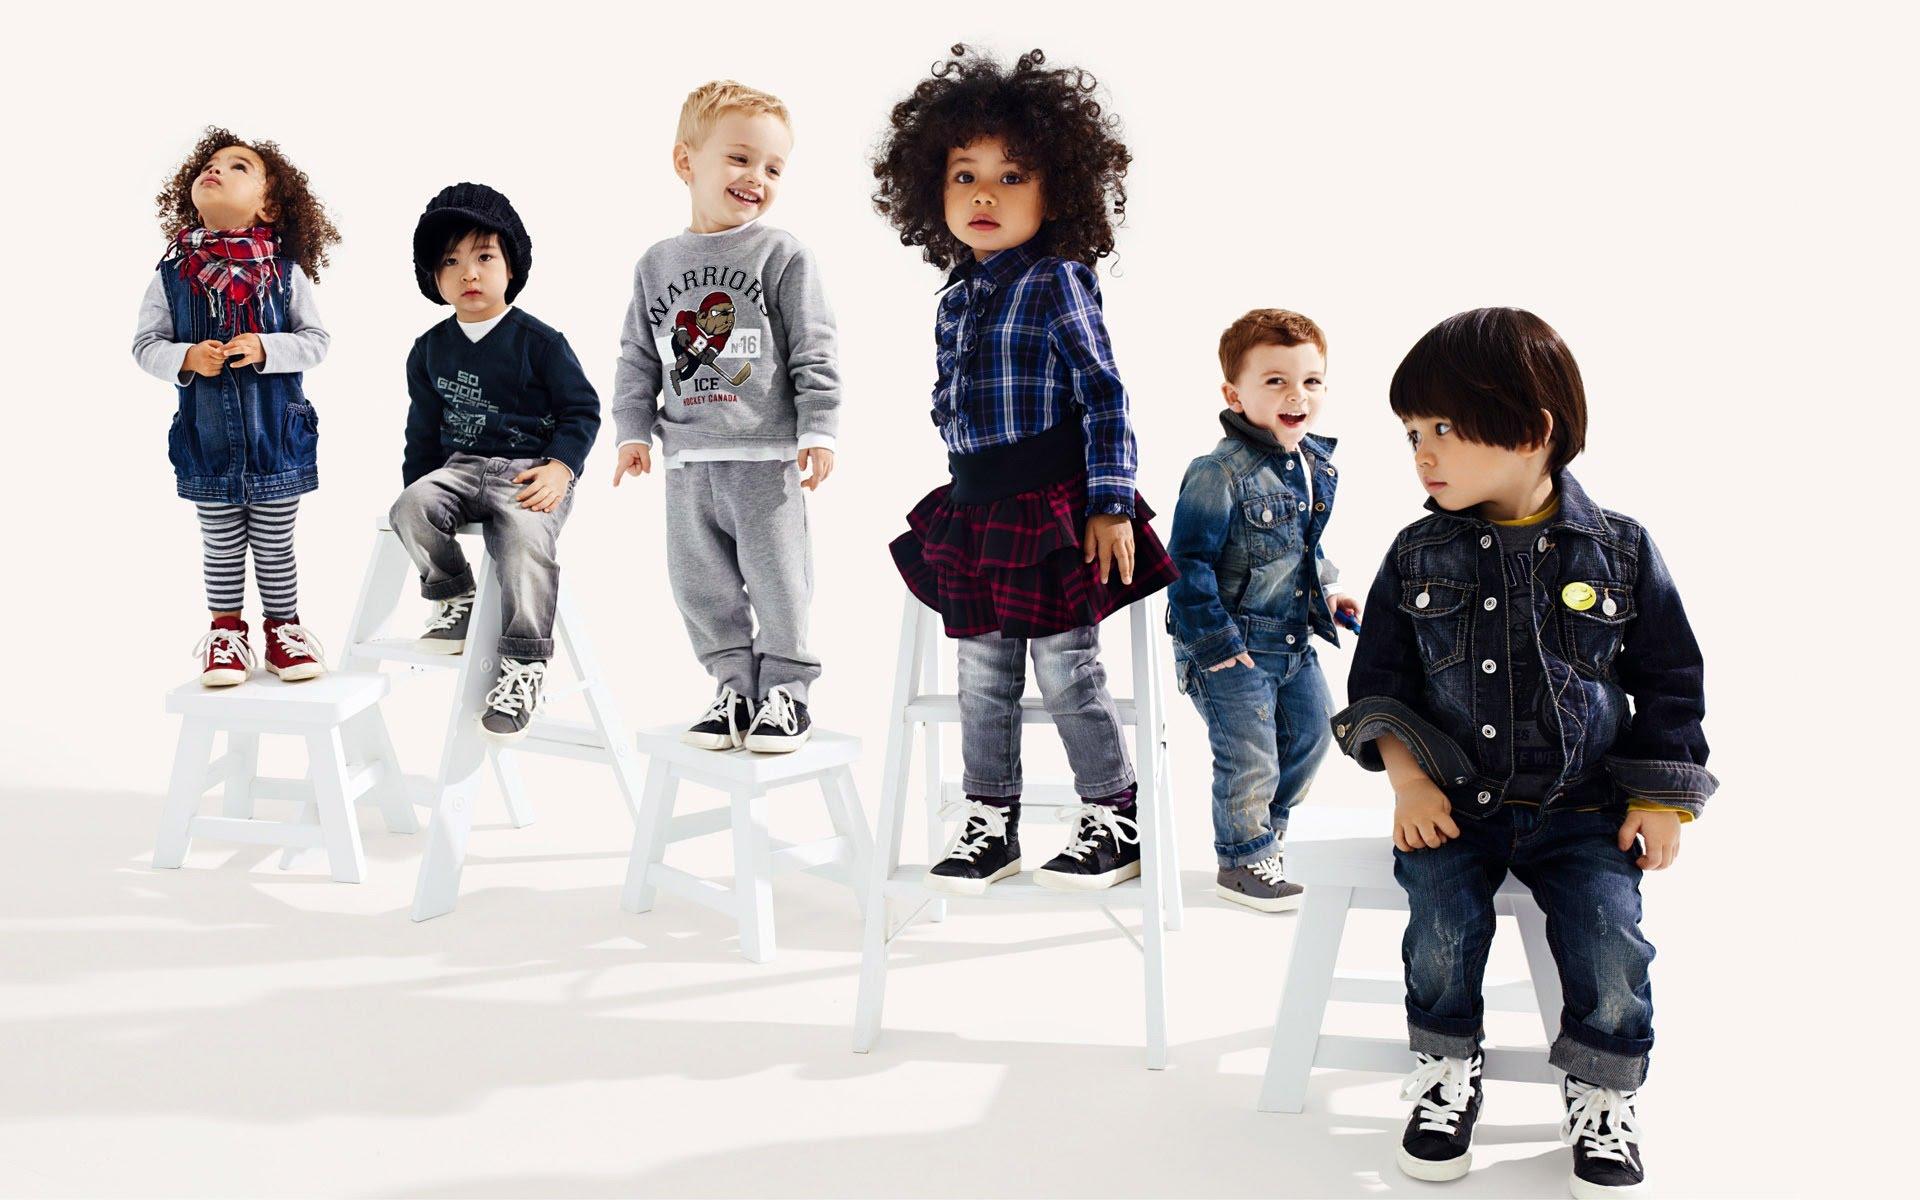 a03a5c15c178a لبس و لد. صور ملابس اولاد